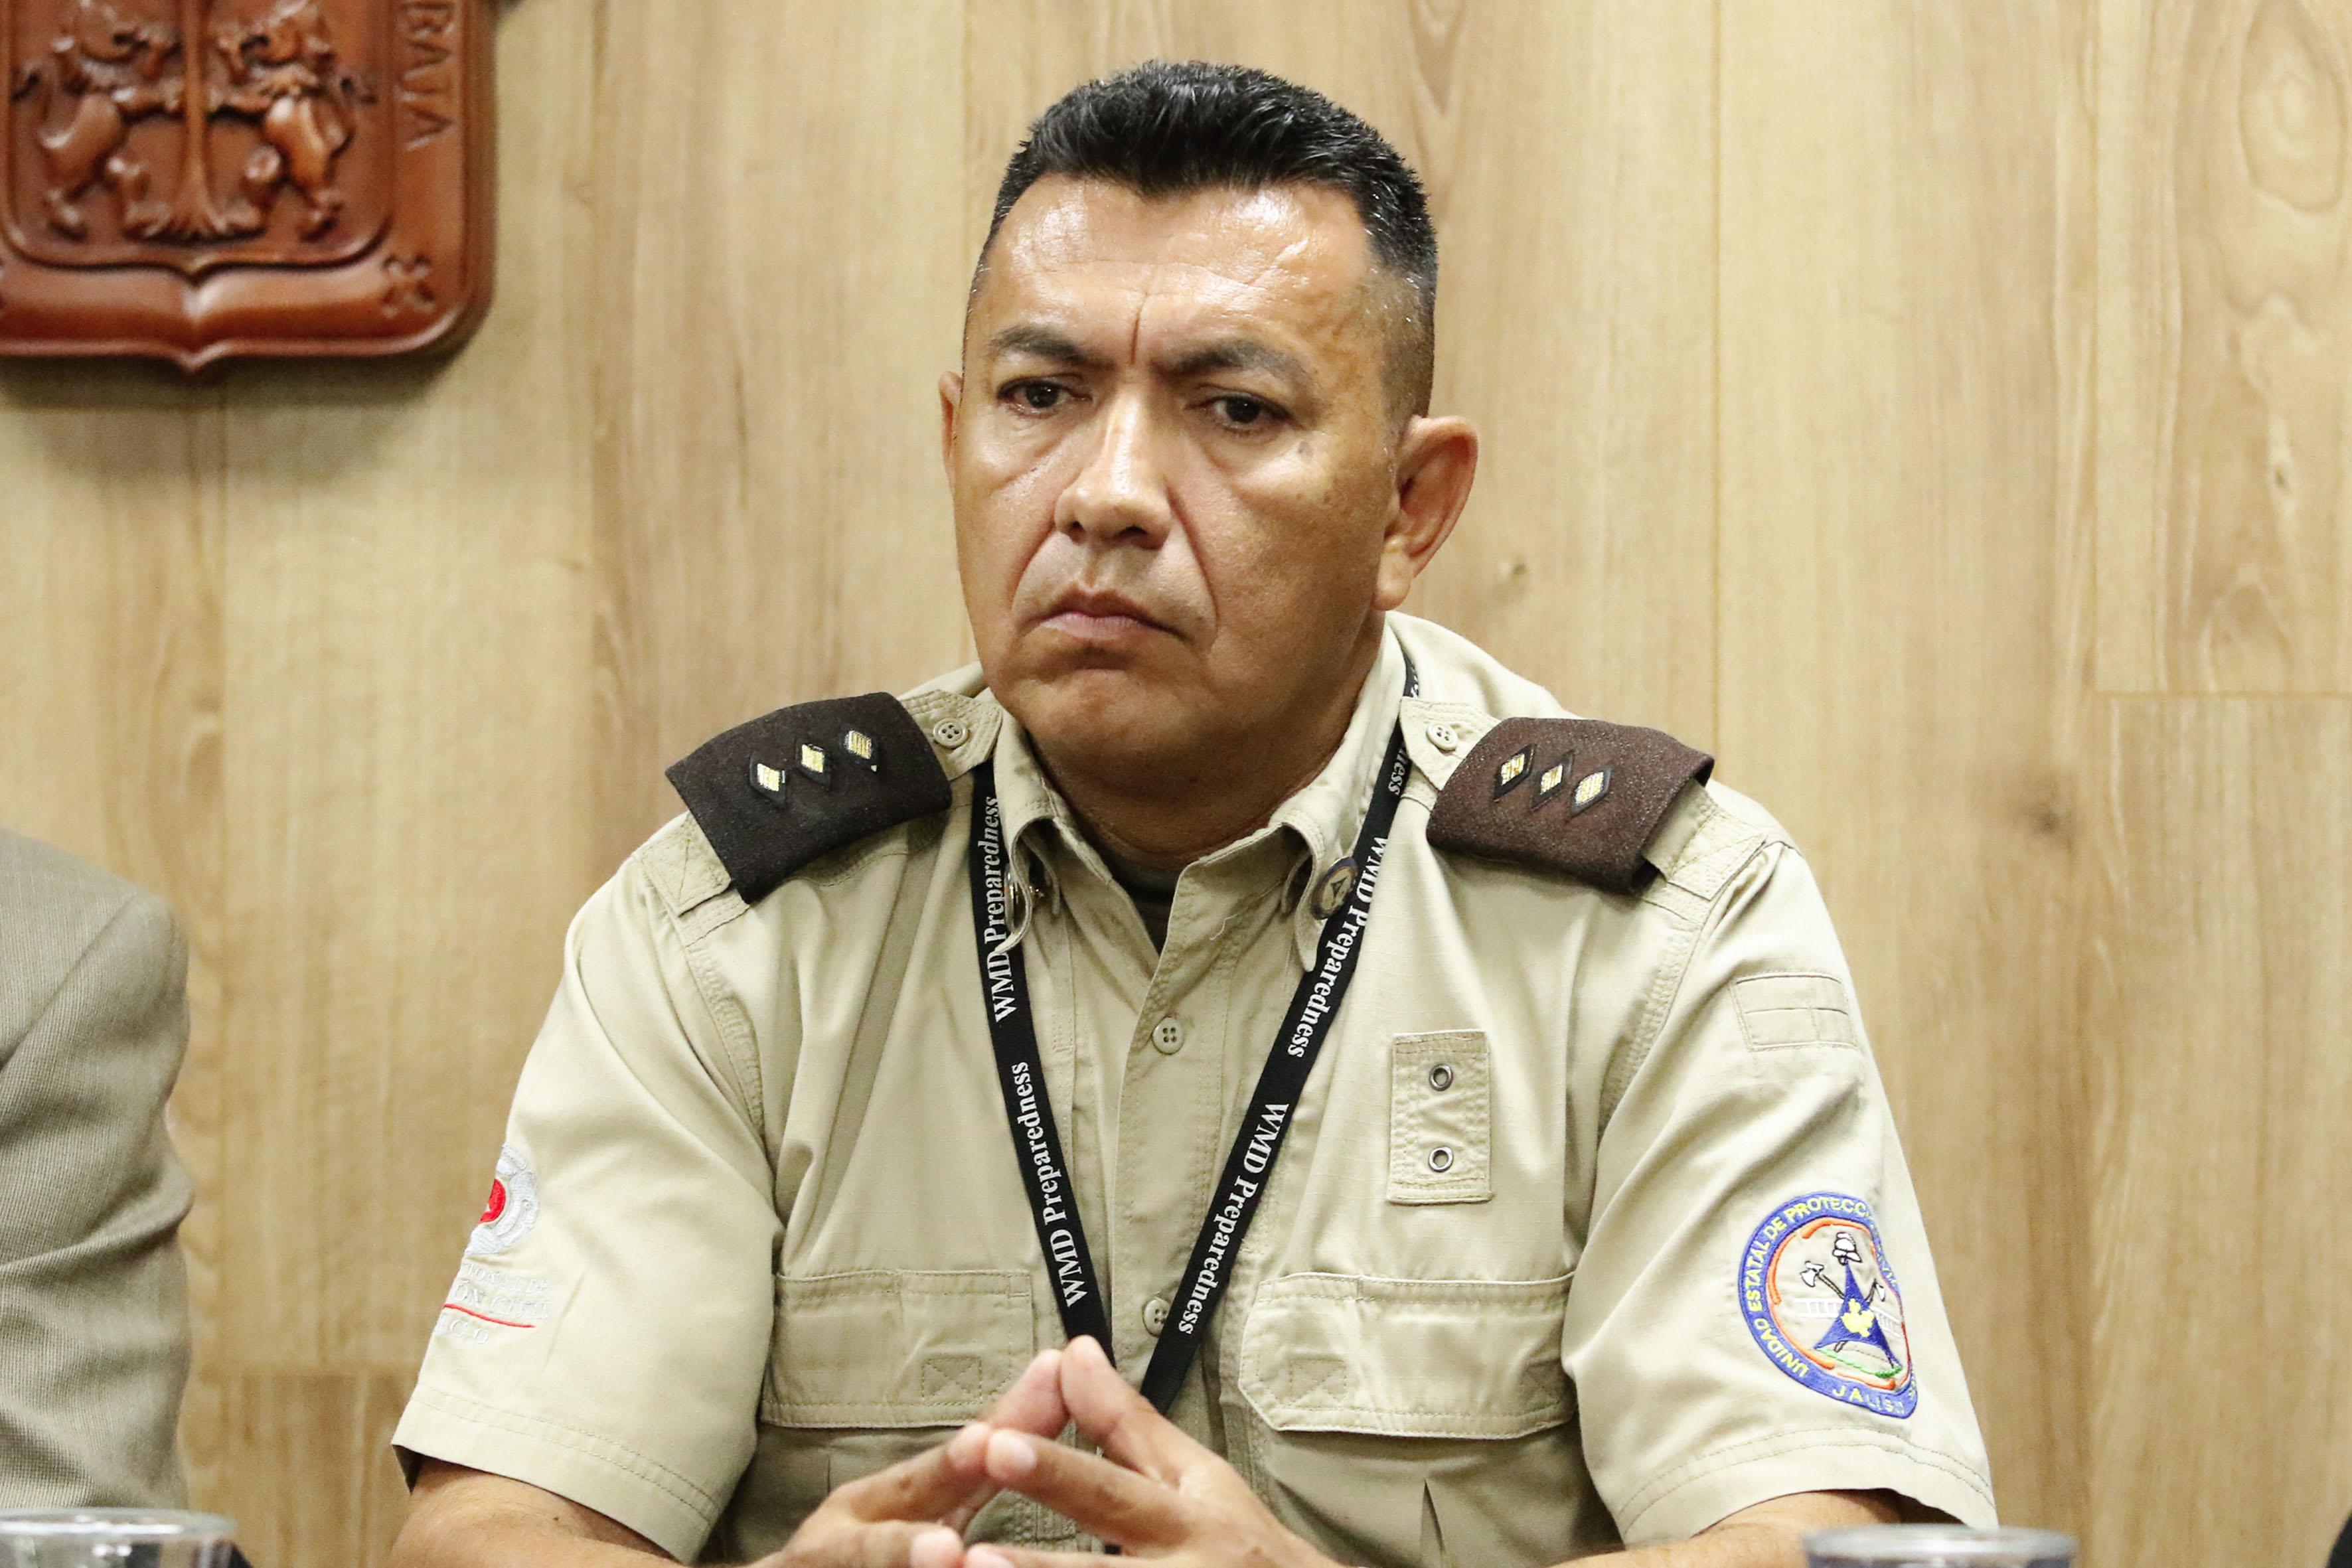 Comandante regional de la Unidad Estatal de Protección Civil y Bomberos de Jalisco, José Alfredo Hernández Rodríguez participando en rueda de prensa